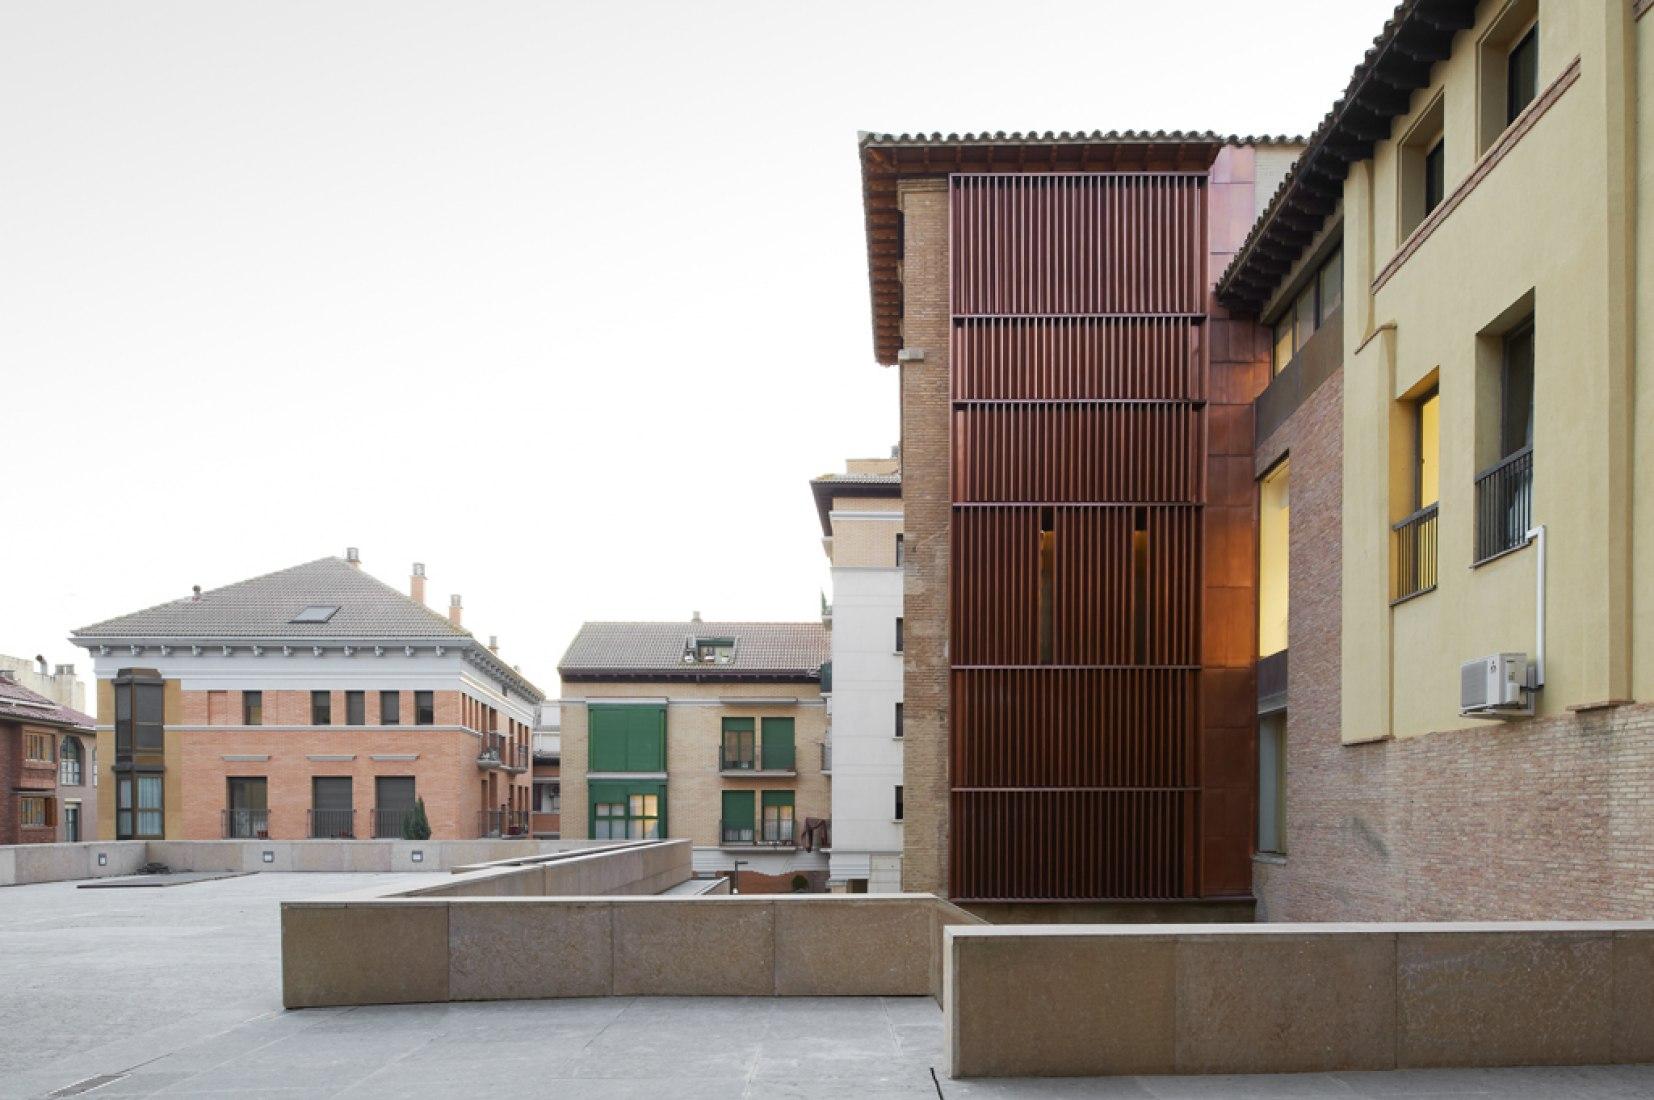 Renovation of Huesca City Archives. Photography © Iñaki Bergera. Courtesy of ACXT